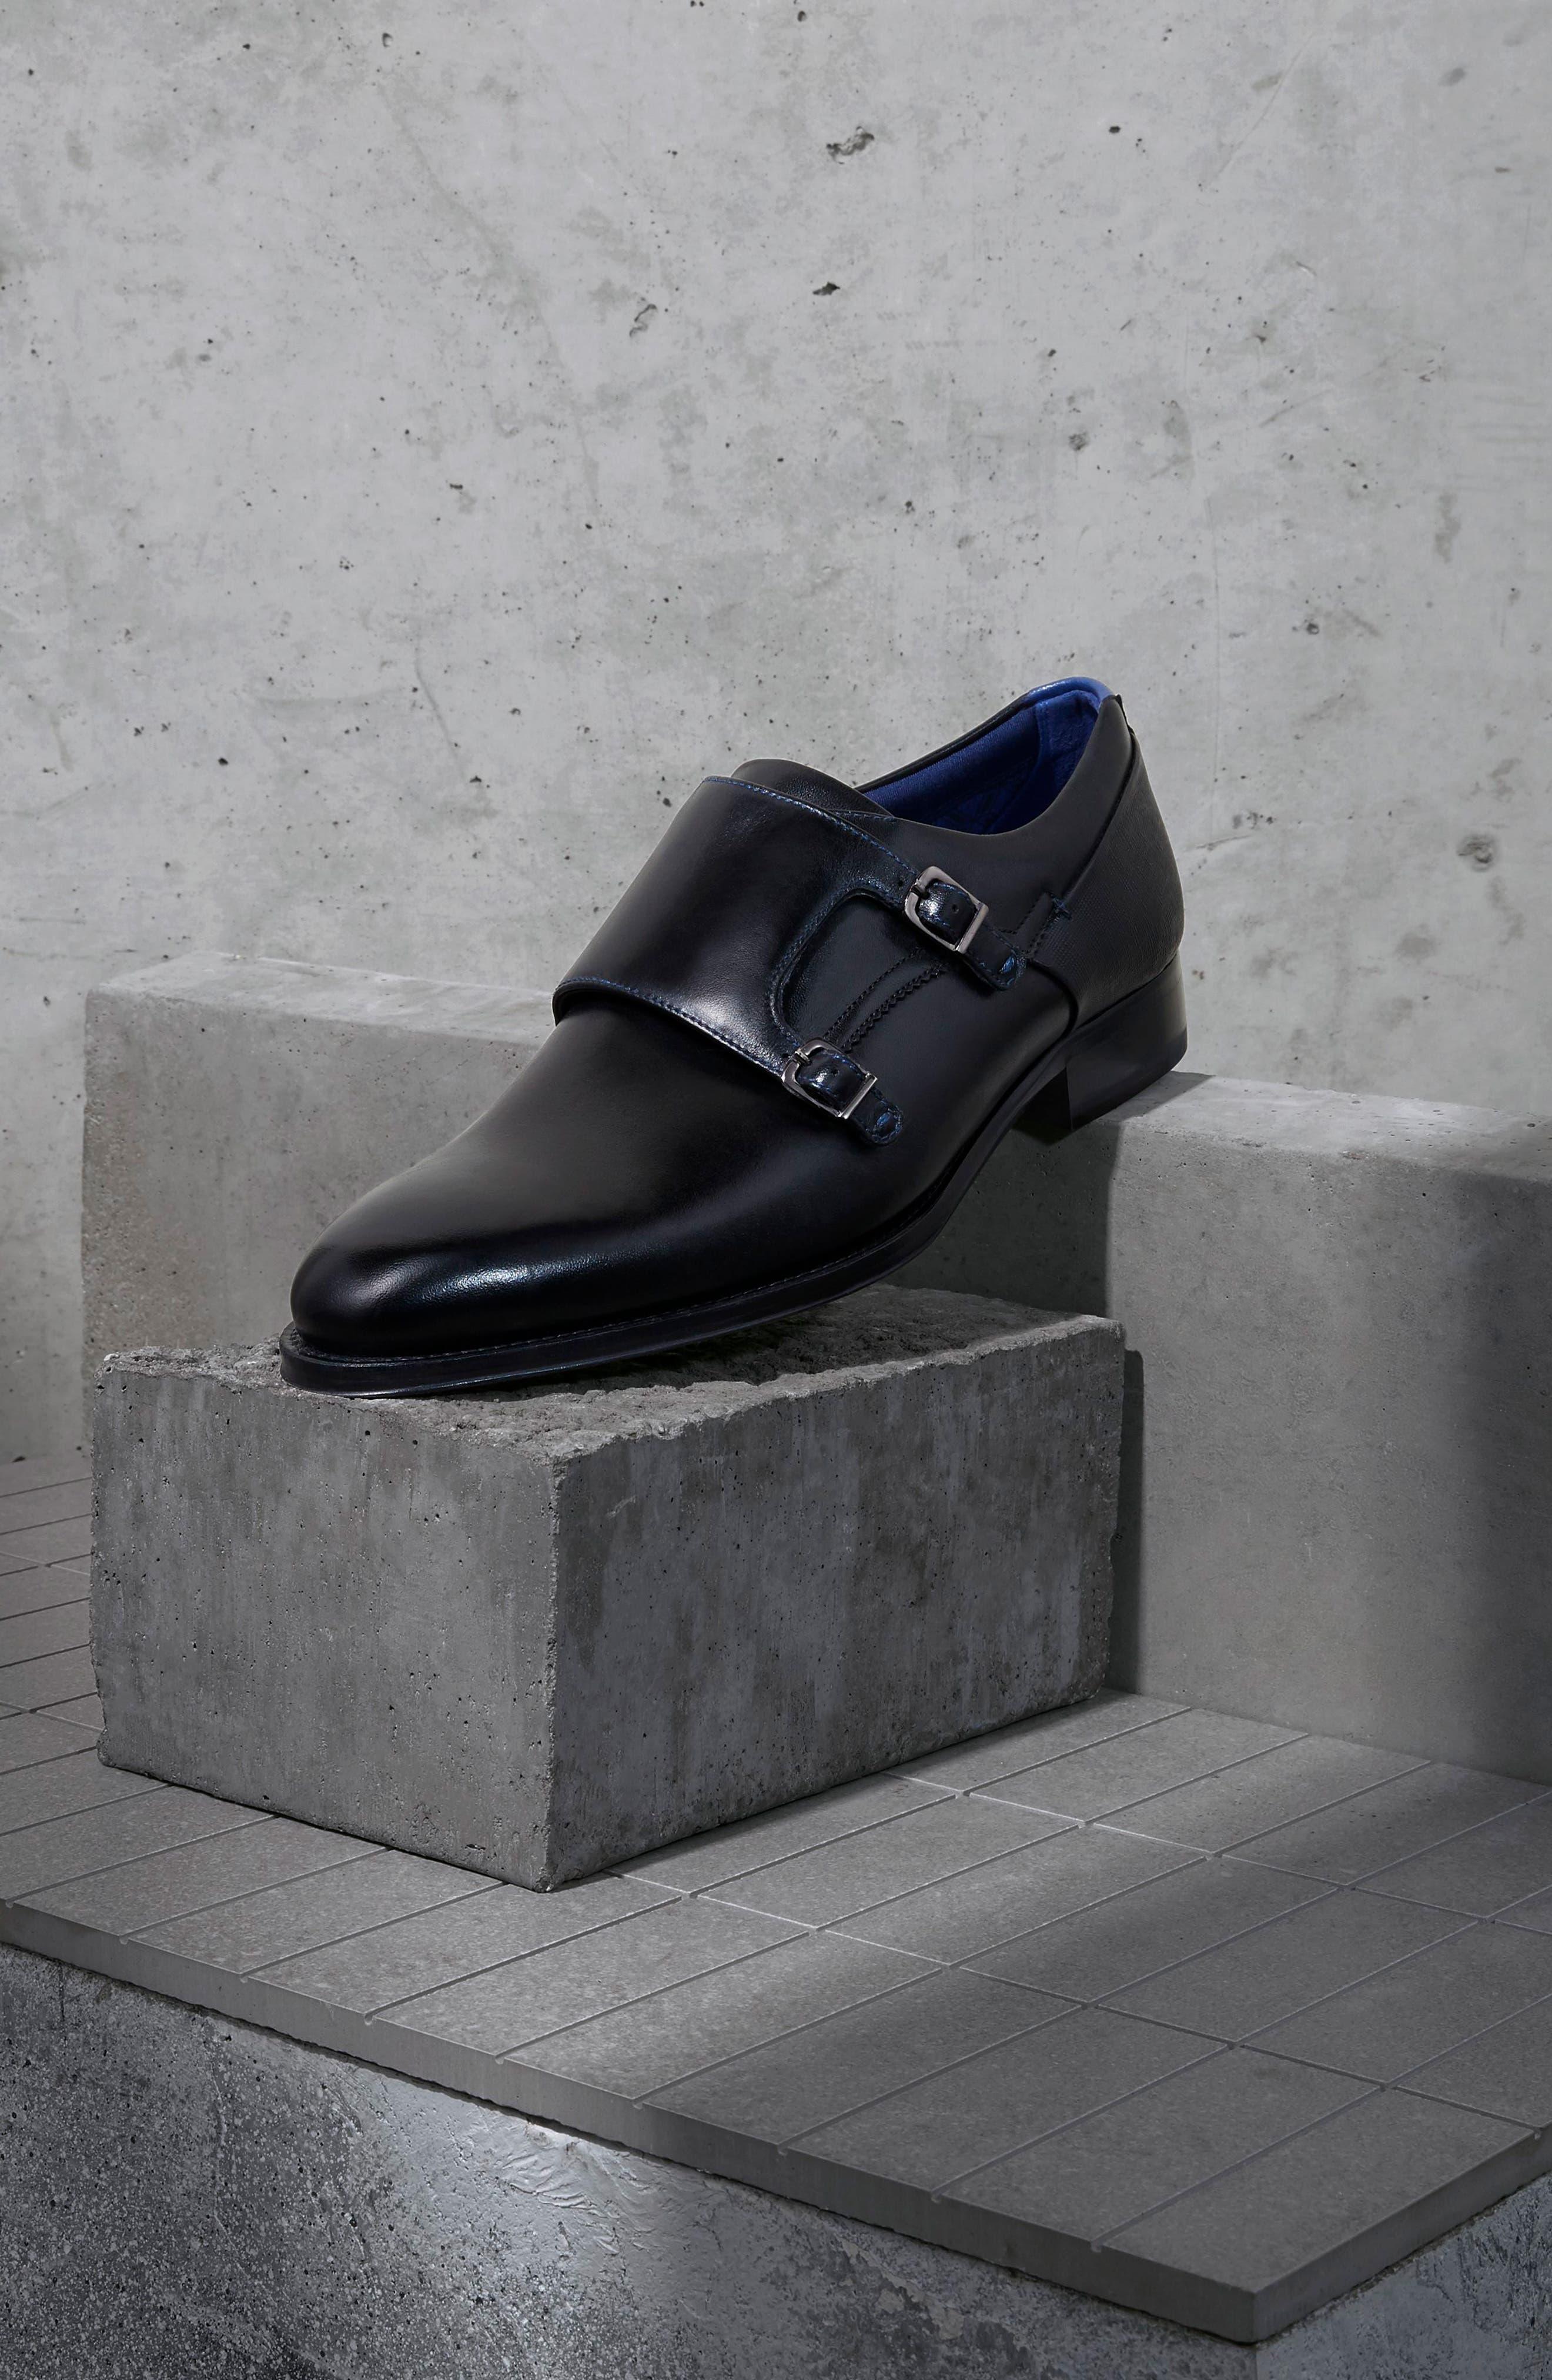 Cathon Double Buckle Monk Shoe,                             Alternate thumbnail 7, color,                             BLACK LEATHER